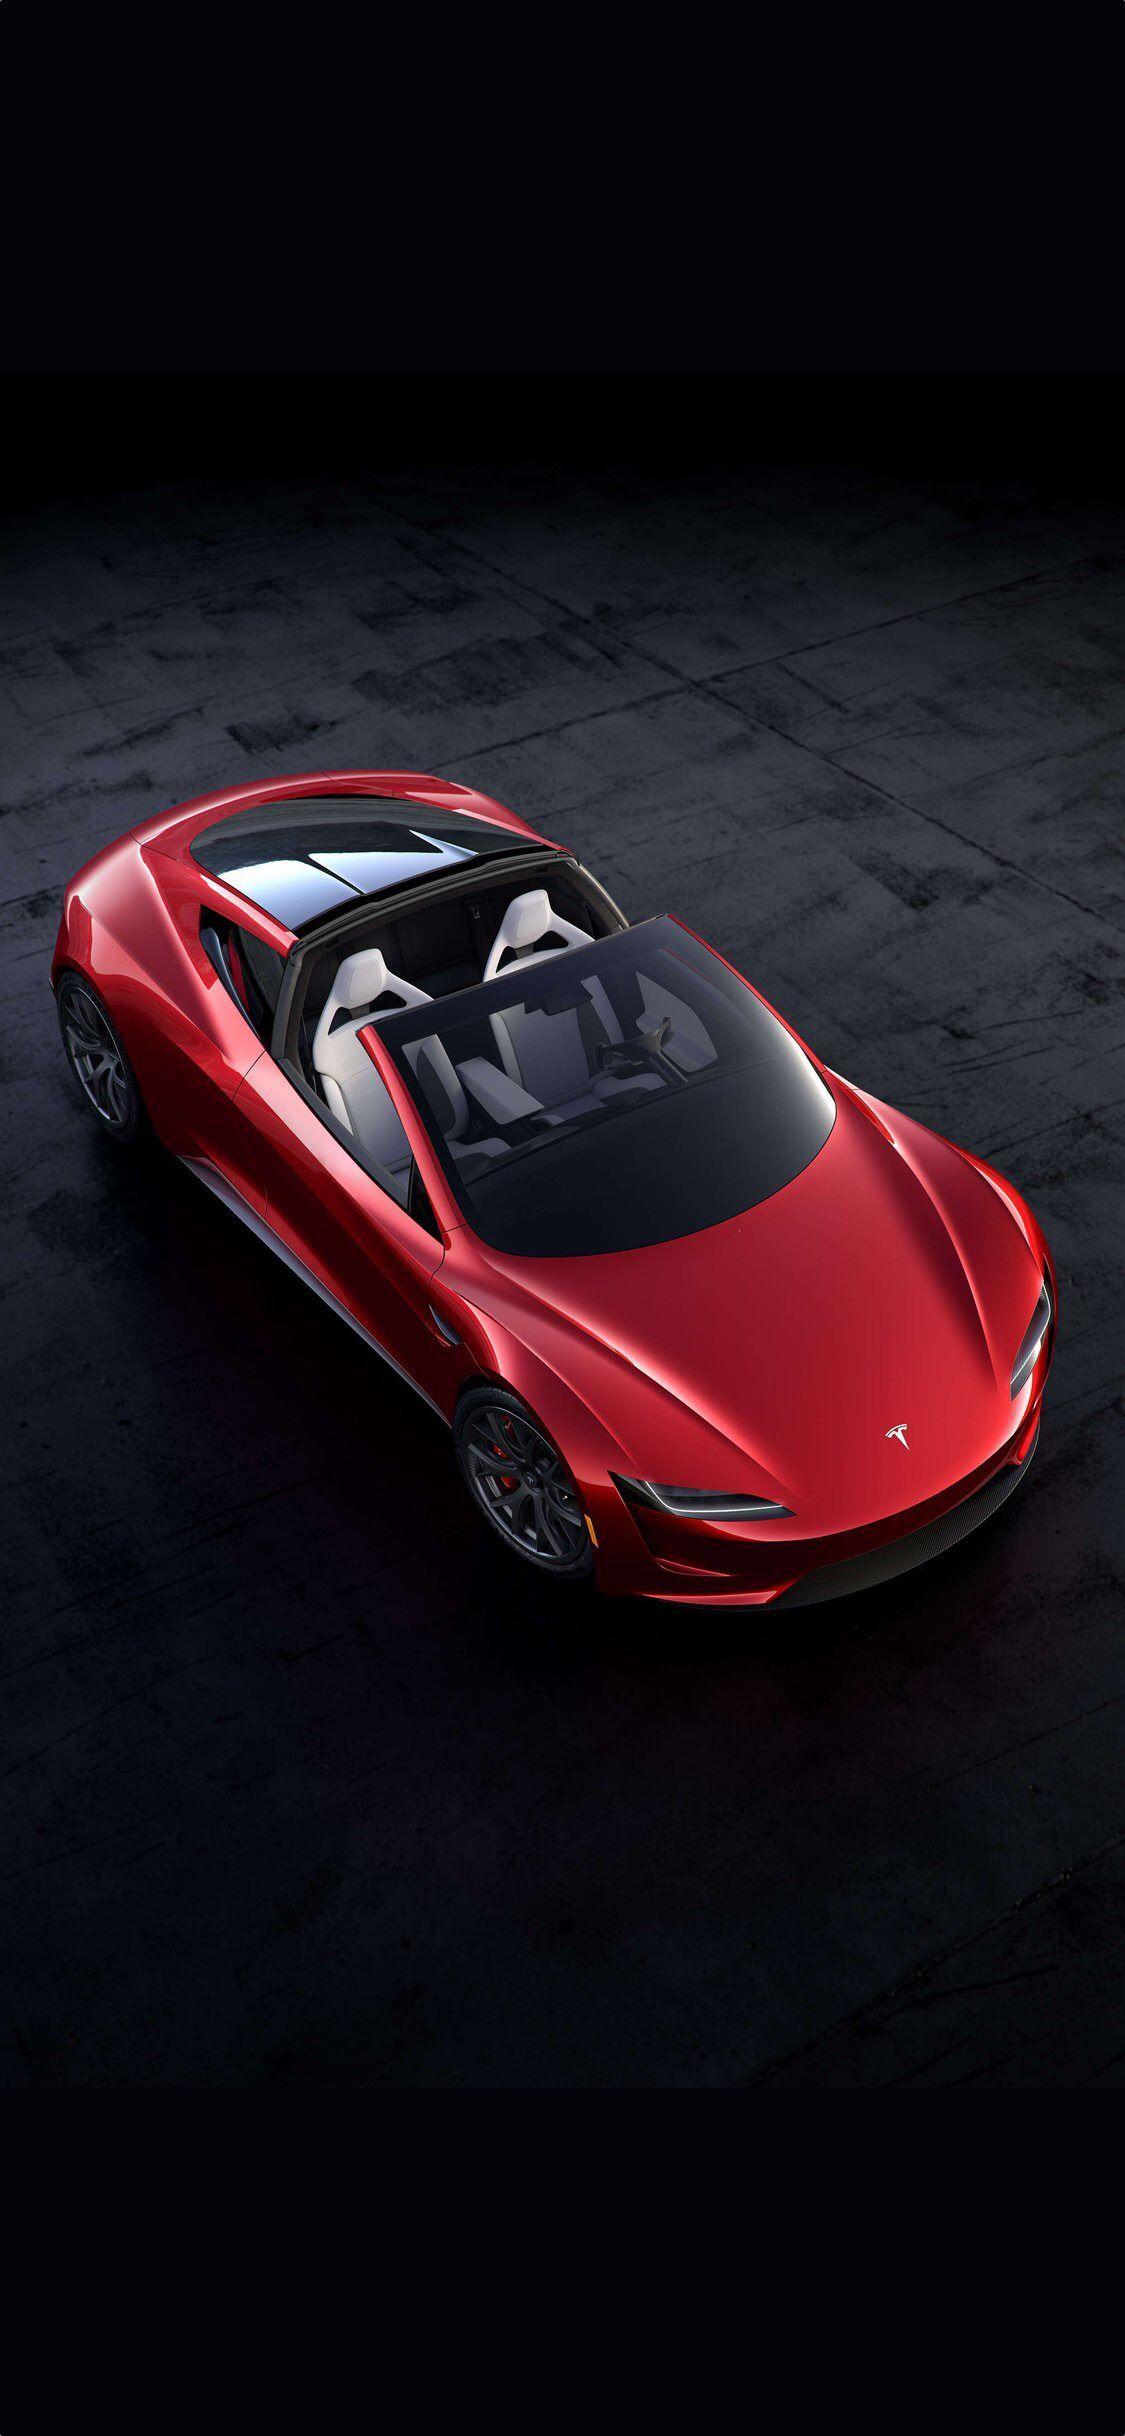 1125x2436 hình nền điện thoại Tesla Roadster